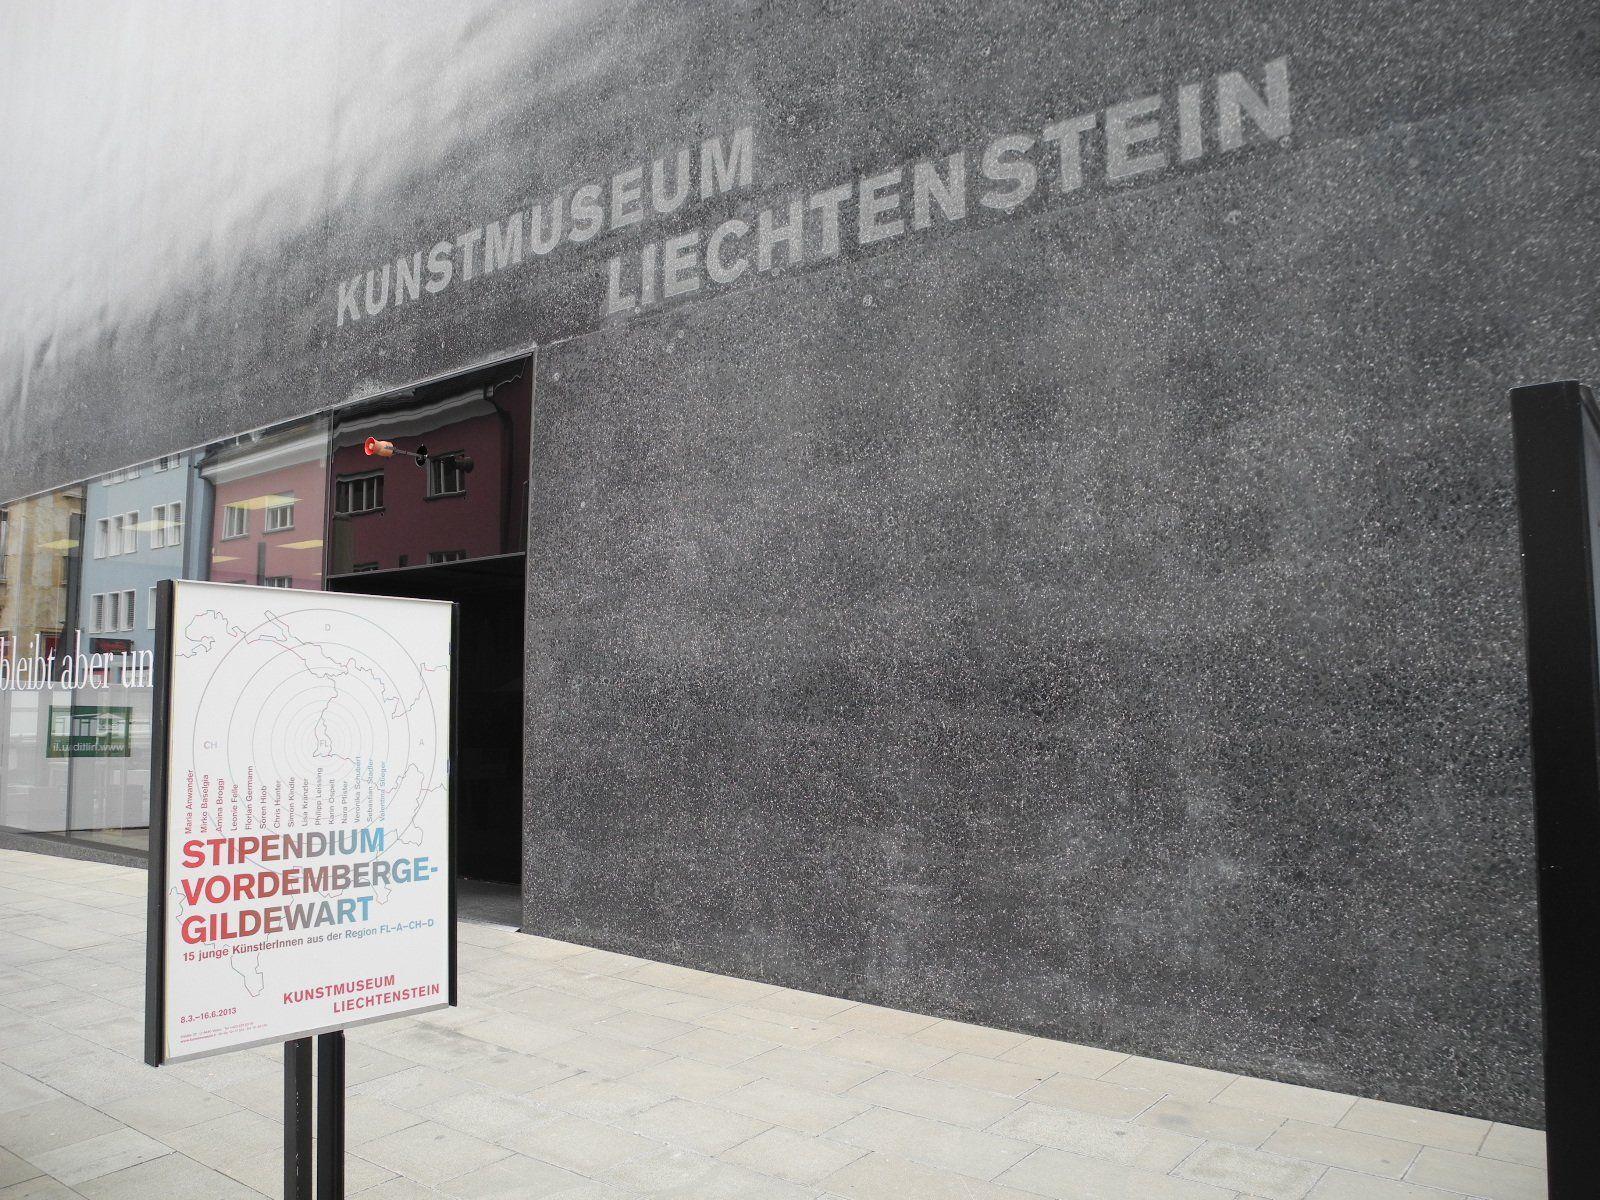 """Im Kunstmuseum Liechtenstein ist die Ausstellung """"Stipendium Vordernberge-Gildewart 2013"""" zu sehen"""